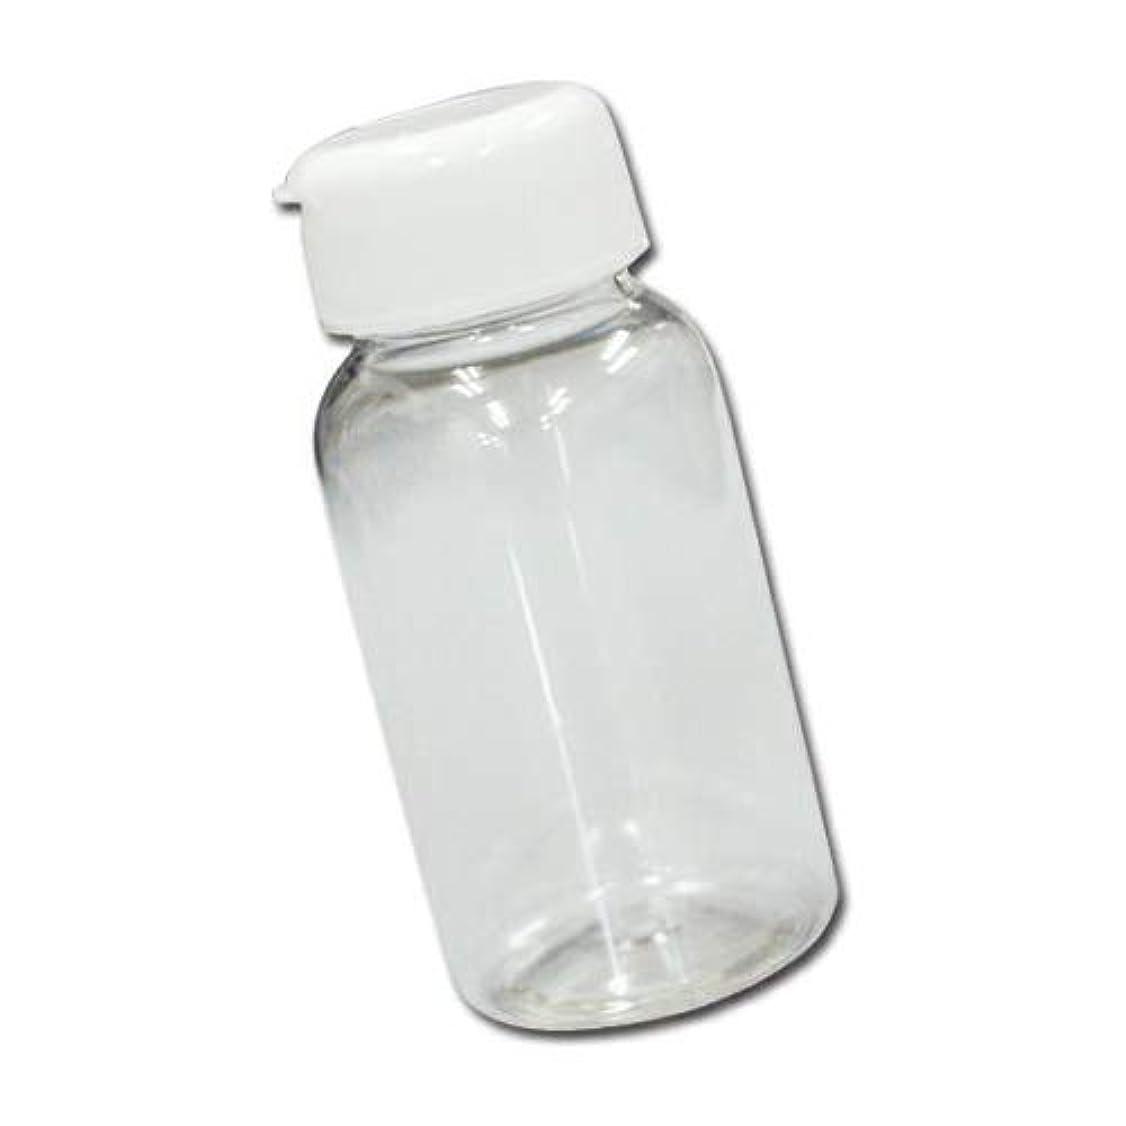 交響曲置くためにパック電話に出るパウダー用詰め替え容器200mlボトル│業務用マッサージパウダーや調味料の小分けに最適な穴あき詰め替えボトル